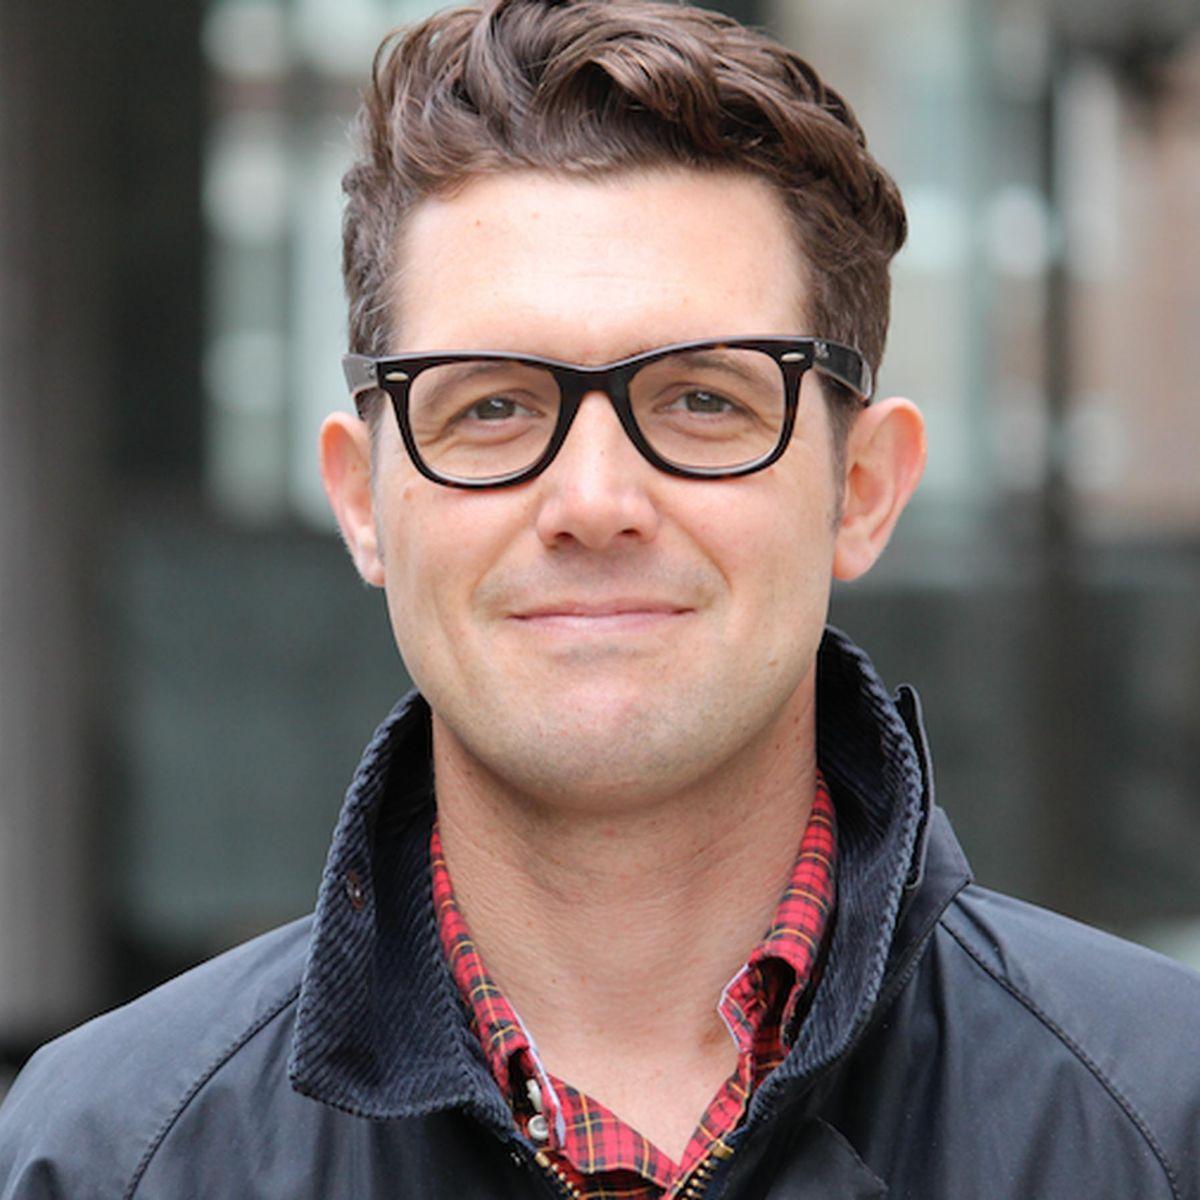 Nick Ruxton-Boyle